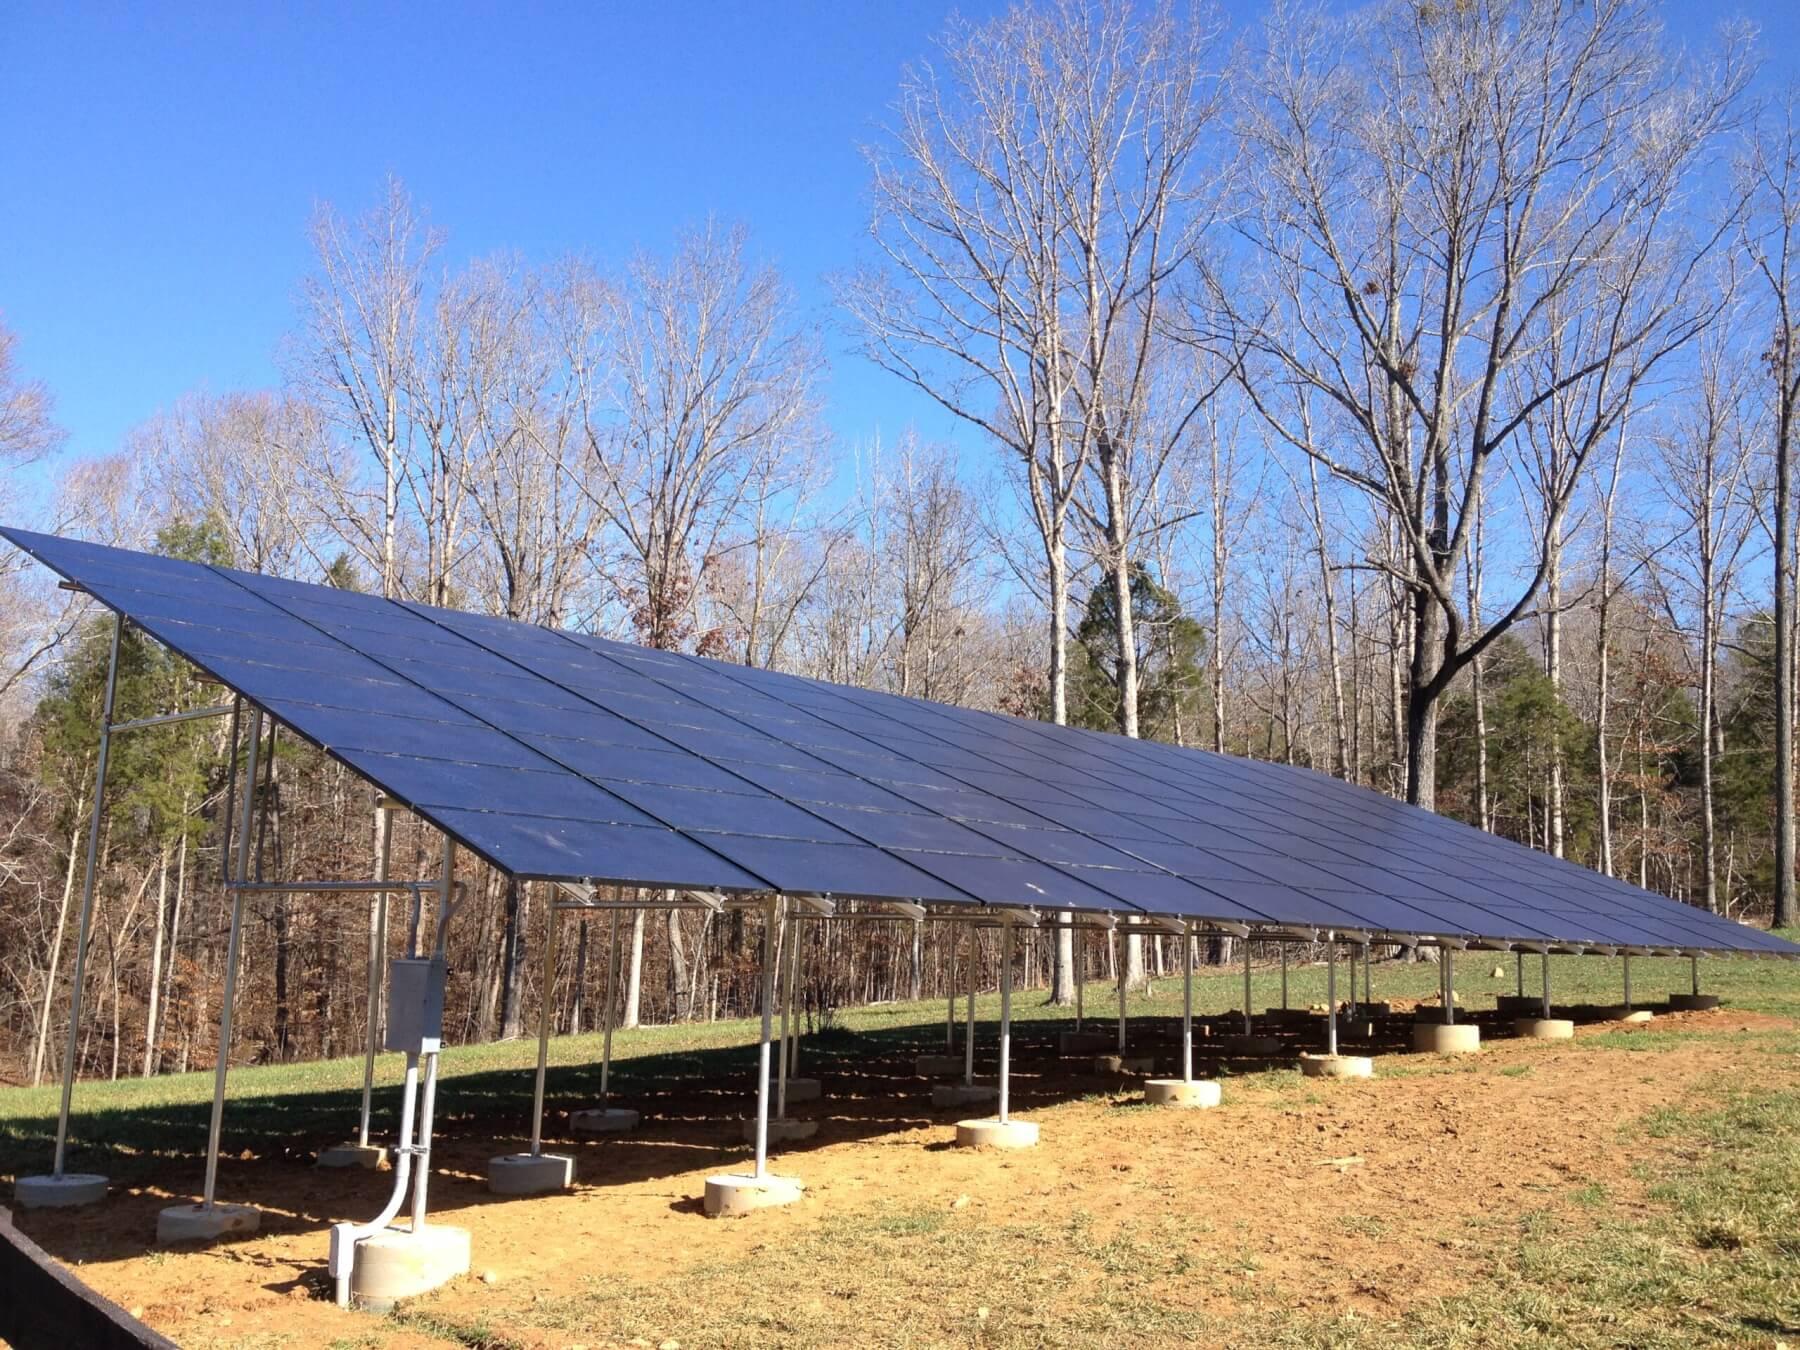 Solar panels under the bright sunlight